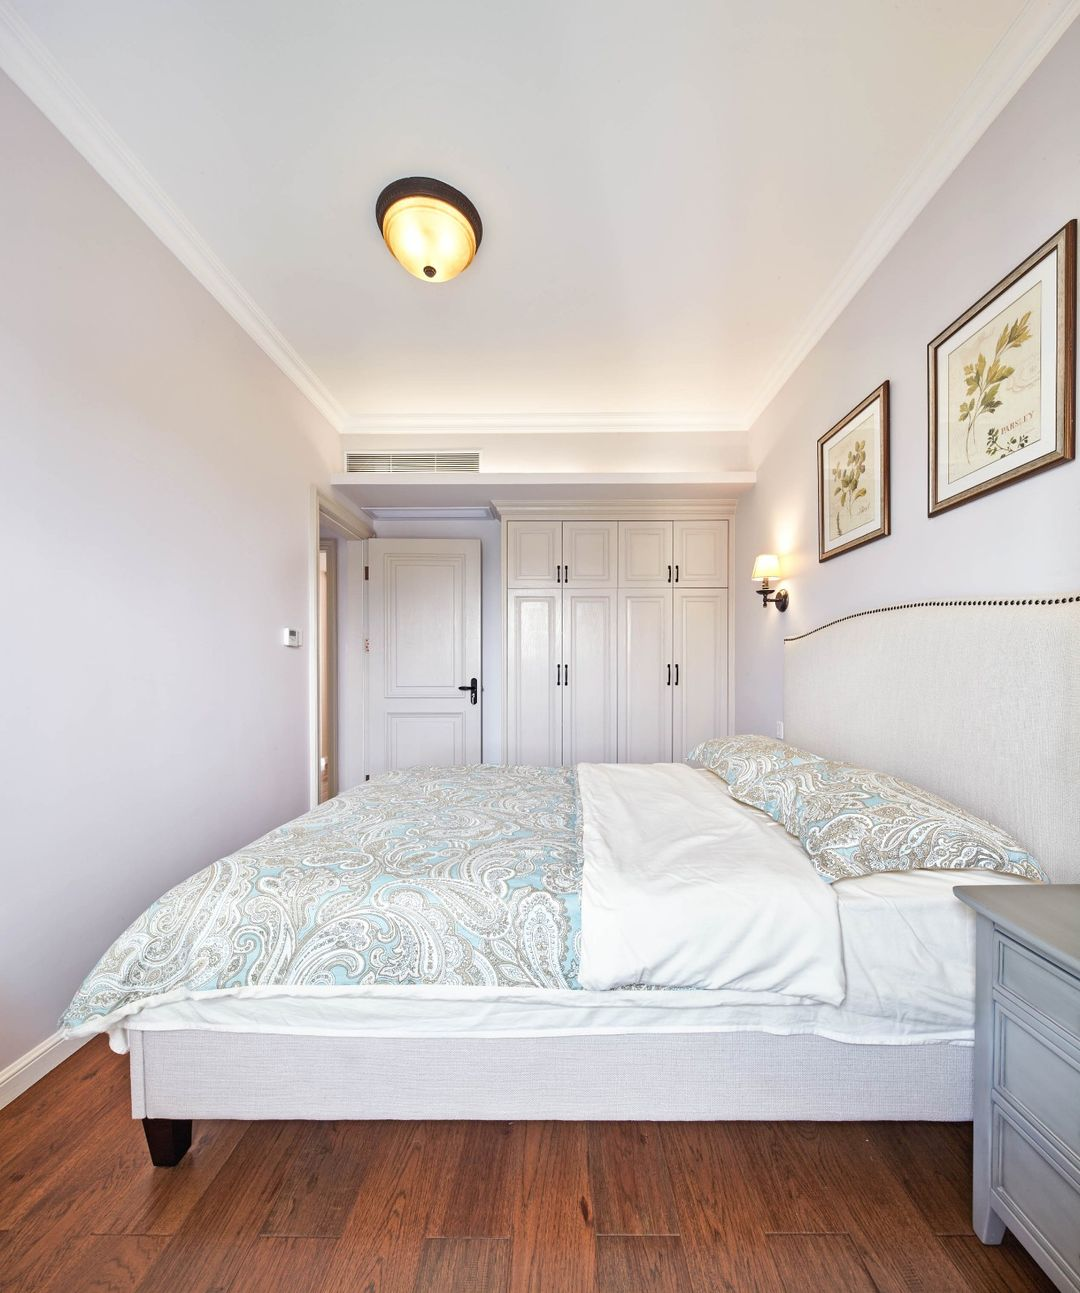 简约 卧室图片来自乐粉_20181210150116634在简约美式风 | 墨点设计的分享